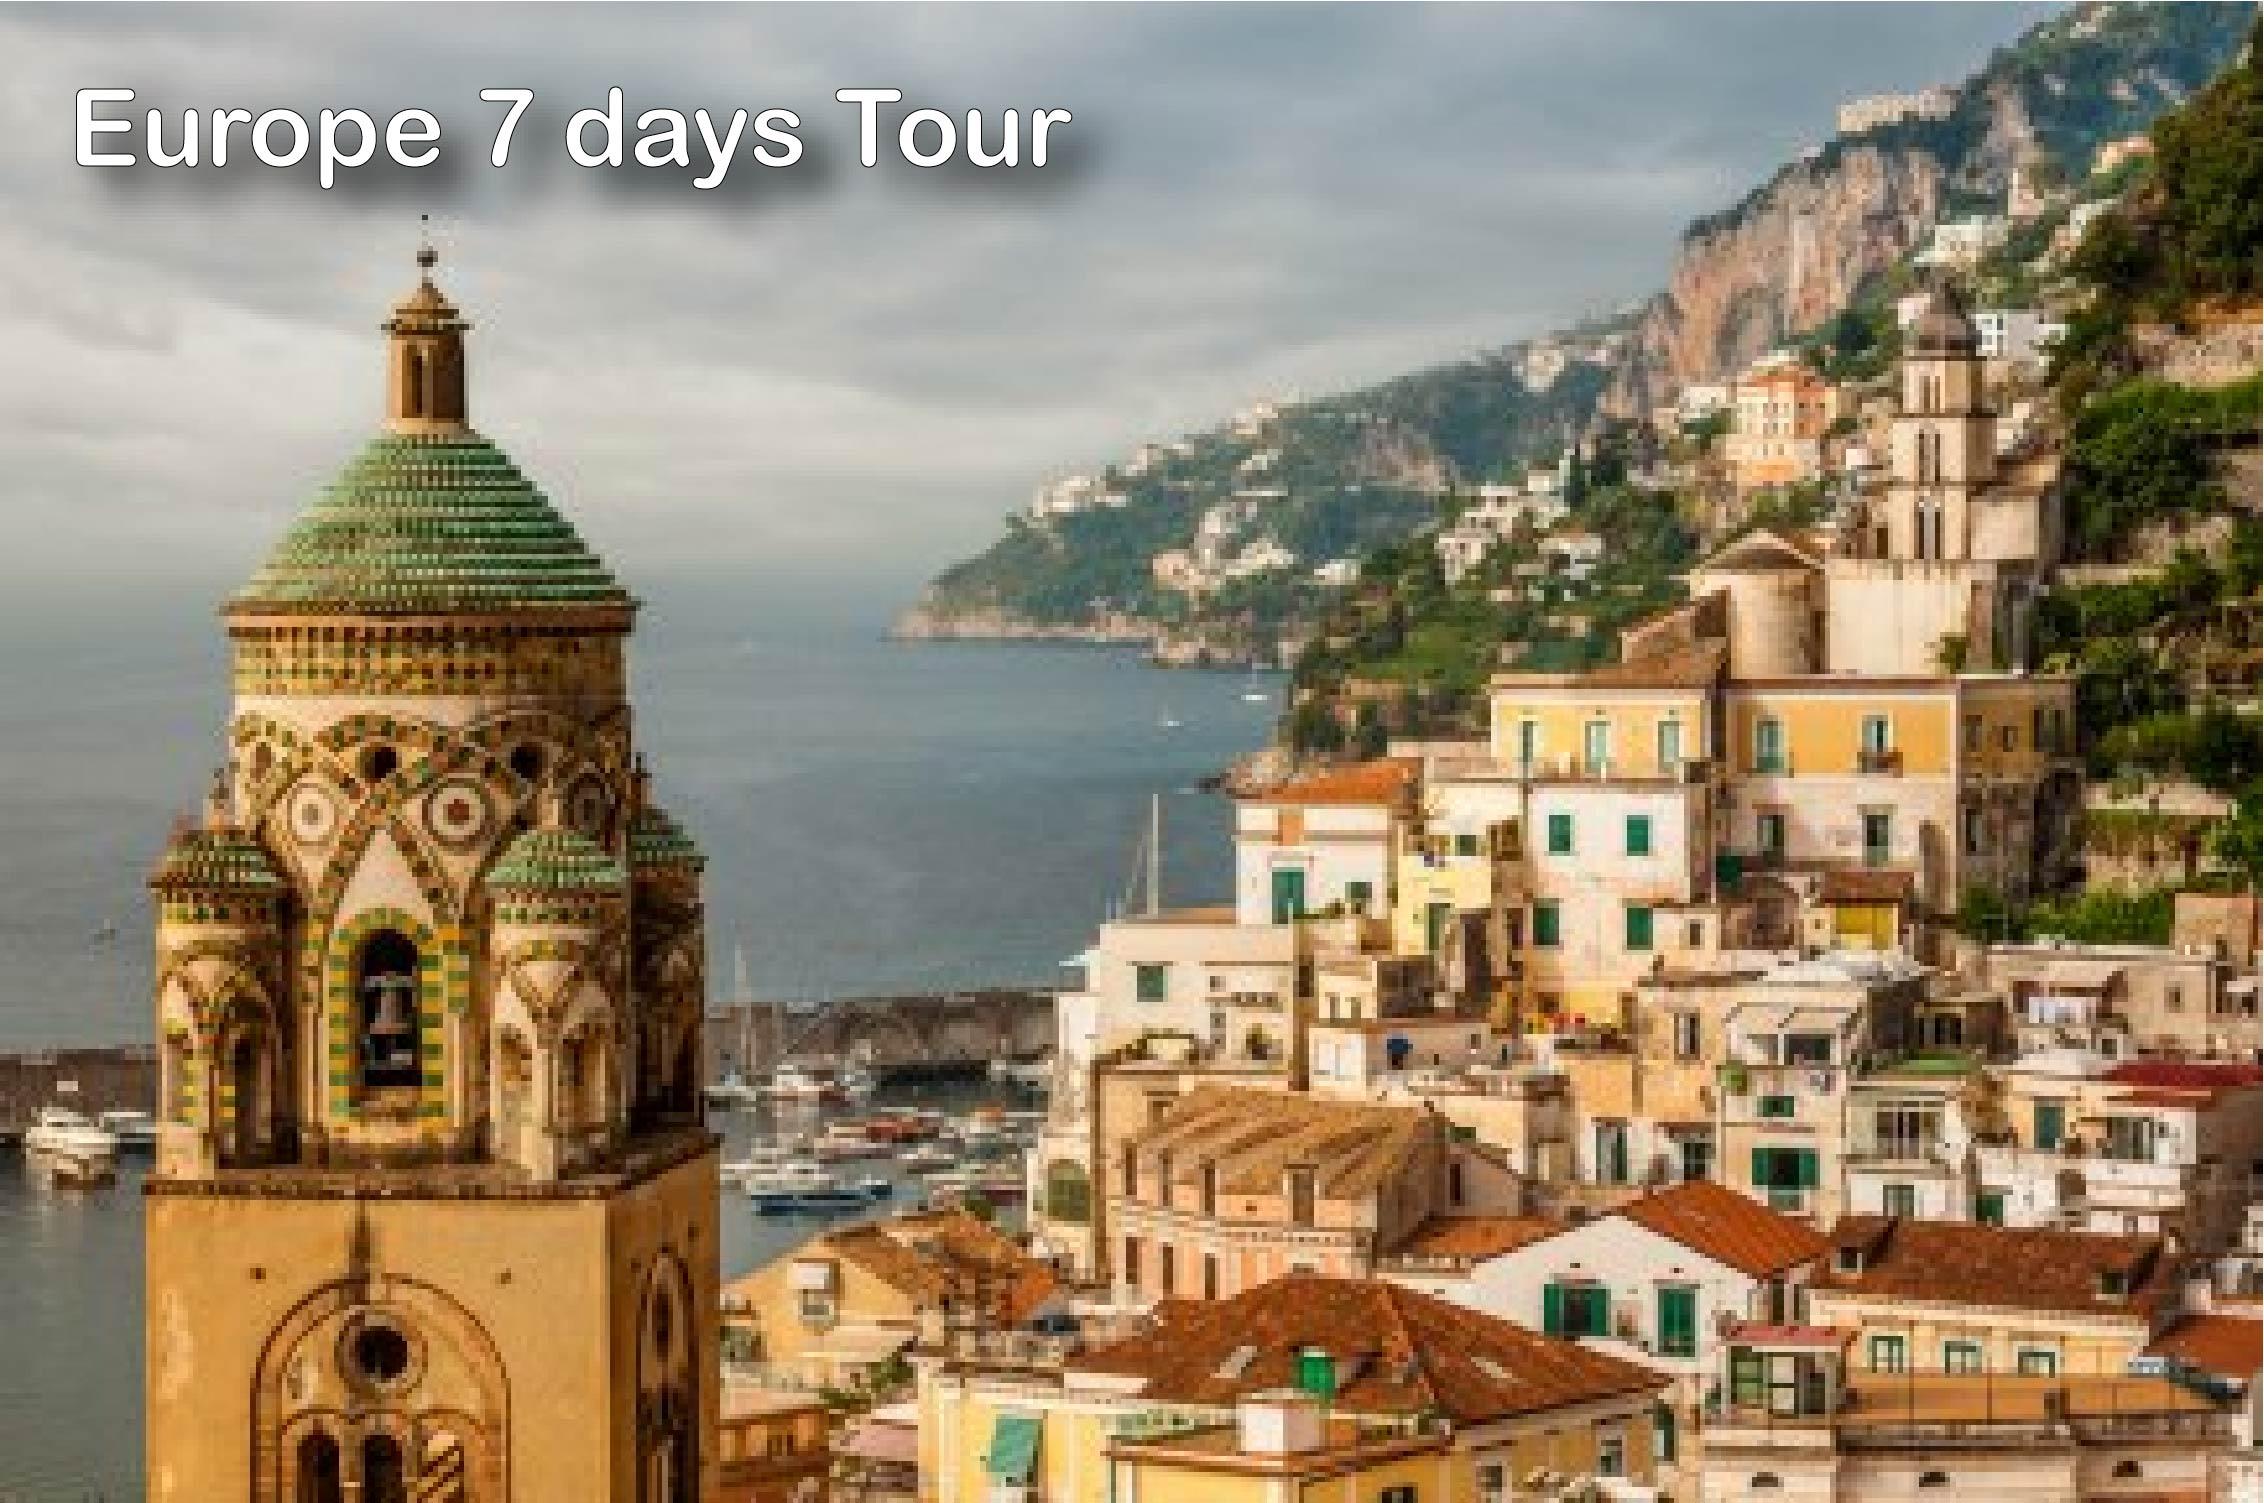 Europe 7 days tours